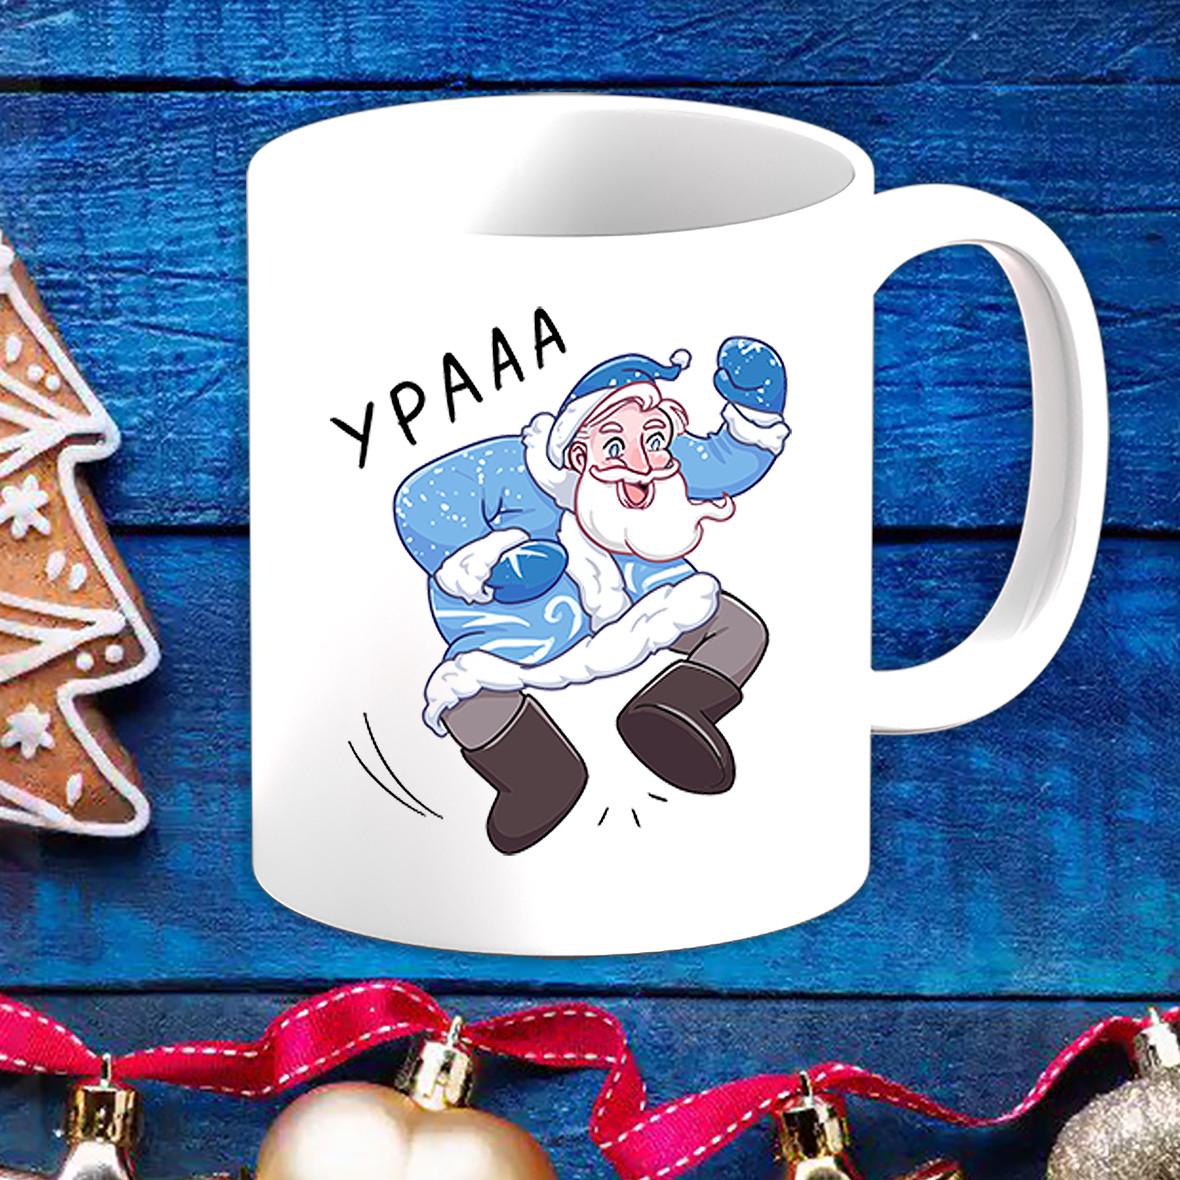 """Біла кружка (чашка) з новорічним принтом Дід Мороз """"Урааа"""""""